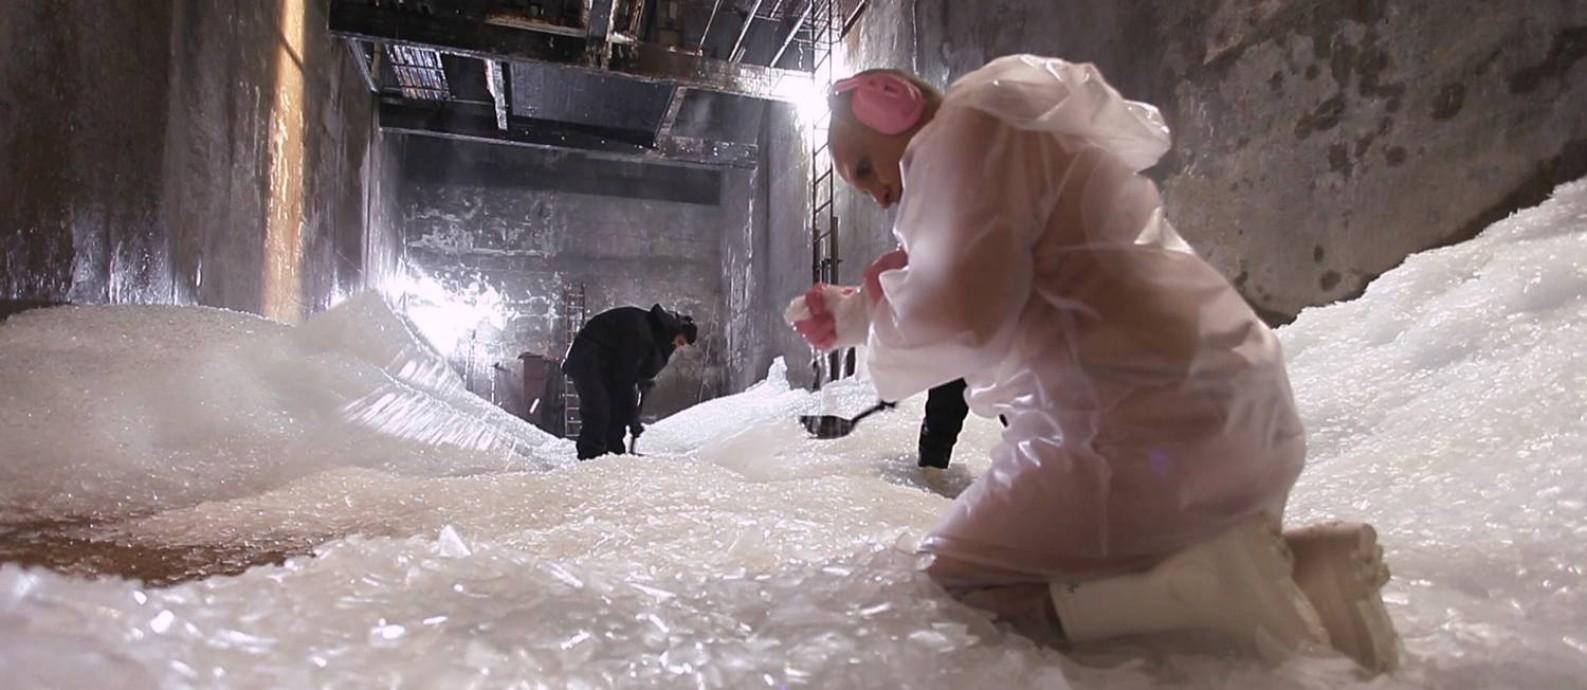 Berna Reale, em primeiro plano, protagoniza performance 'Frio', registrada em vídeo Foto: Divulgação